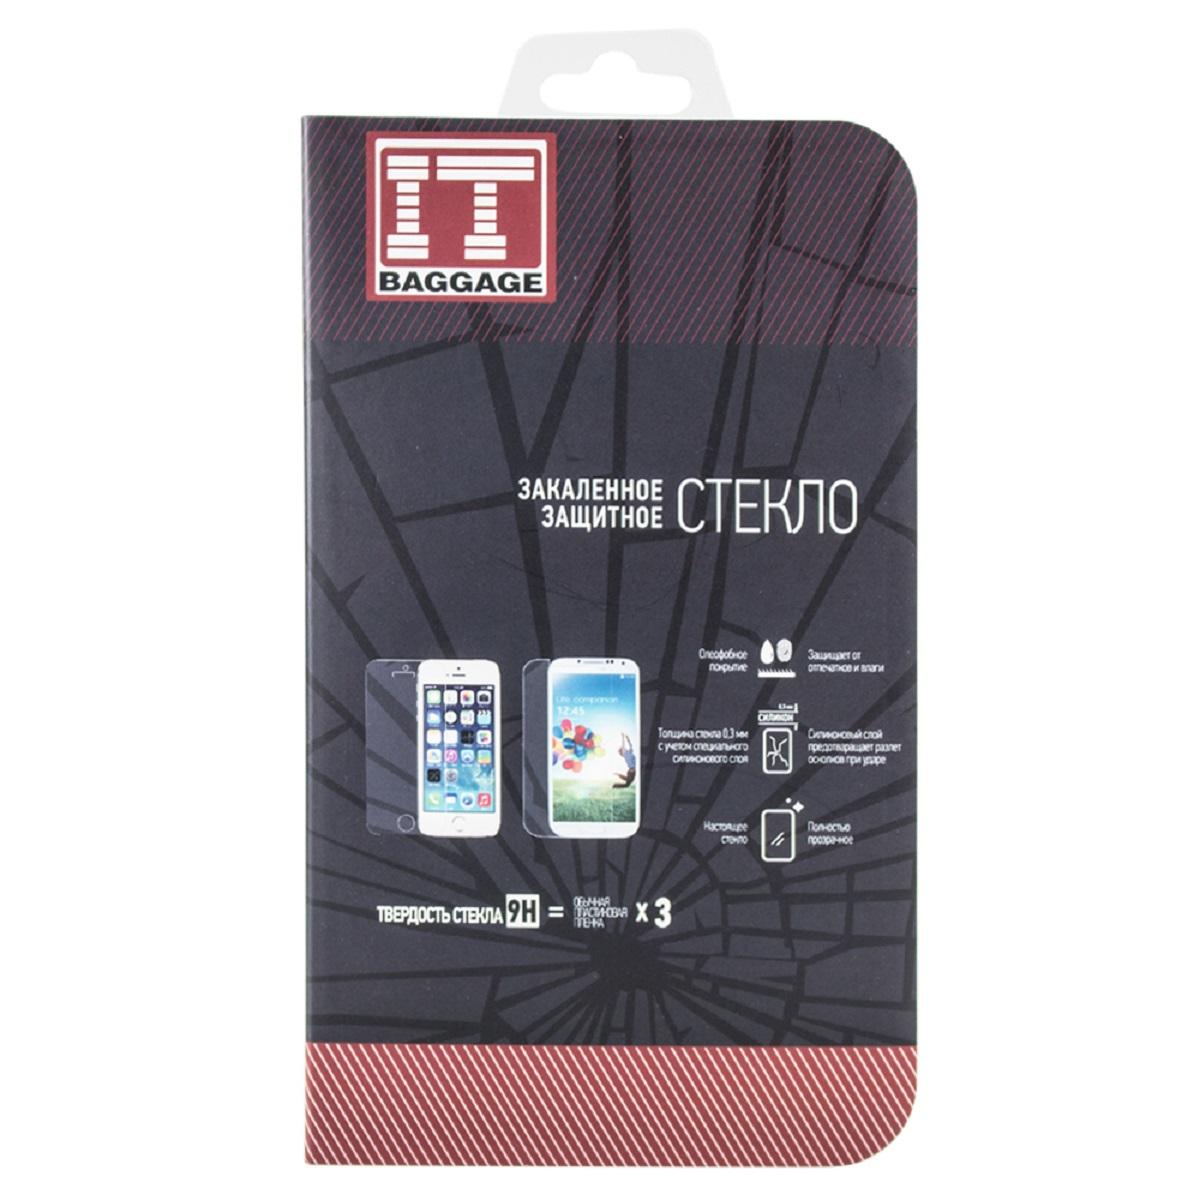 IT Baggage защитное стекло для Meizu M3 NoteITMZM3GЗакаленное стекло IT Baggage для Meizu M3 Note - это самый верный способ защитить экран от повреждений и загрязнений. Обладает высочайшим уровнем прозрачности и совершенно не влияет на отклик экранного сенсора и качество изображения. Препятствует появлению отпечатков и пятен. Удалить следы жира и косметики с поверхности аксессуара не составить ни какого труда.Характеристики защитного стекла делают его износостойким к таким механическим повреждениям, как царапины, сколы, потертости. При сильном ударе разбившееся стекло не разлетается на осколки, предохраняя вас от порезов, а экран устройства от повреждений.После снятия защитного стекла с поверхности дисплея, на нем не остаются повреждения, такие как потертости и царапины.